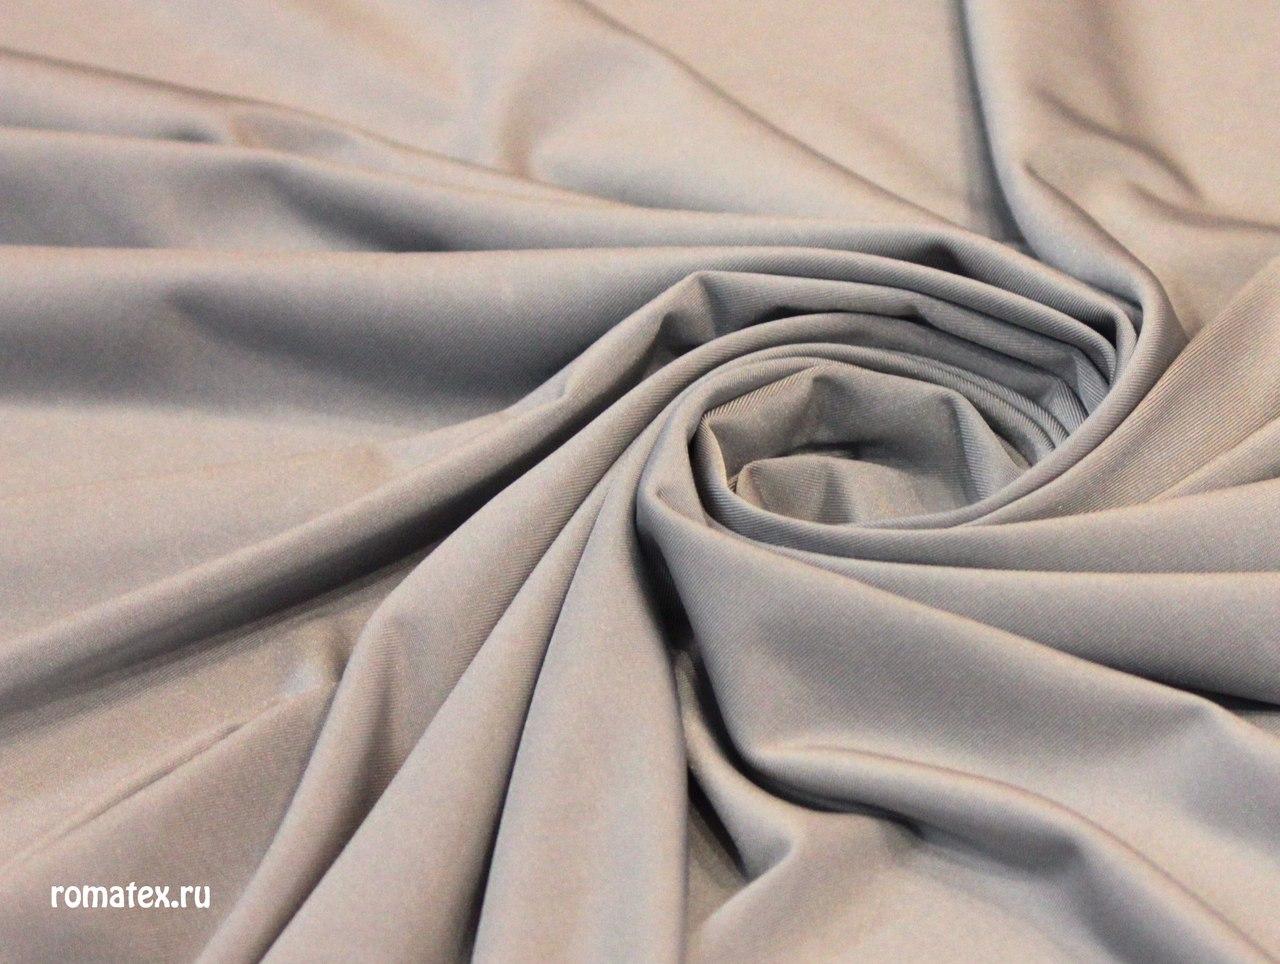 Ткань масло кристалл цвет серый